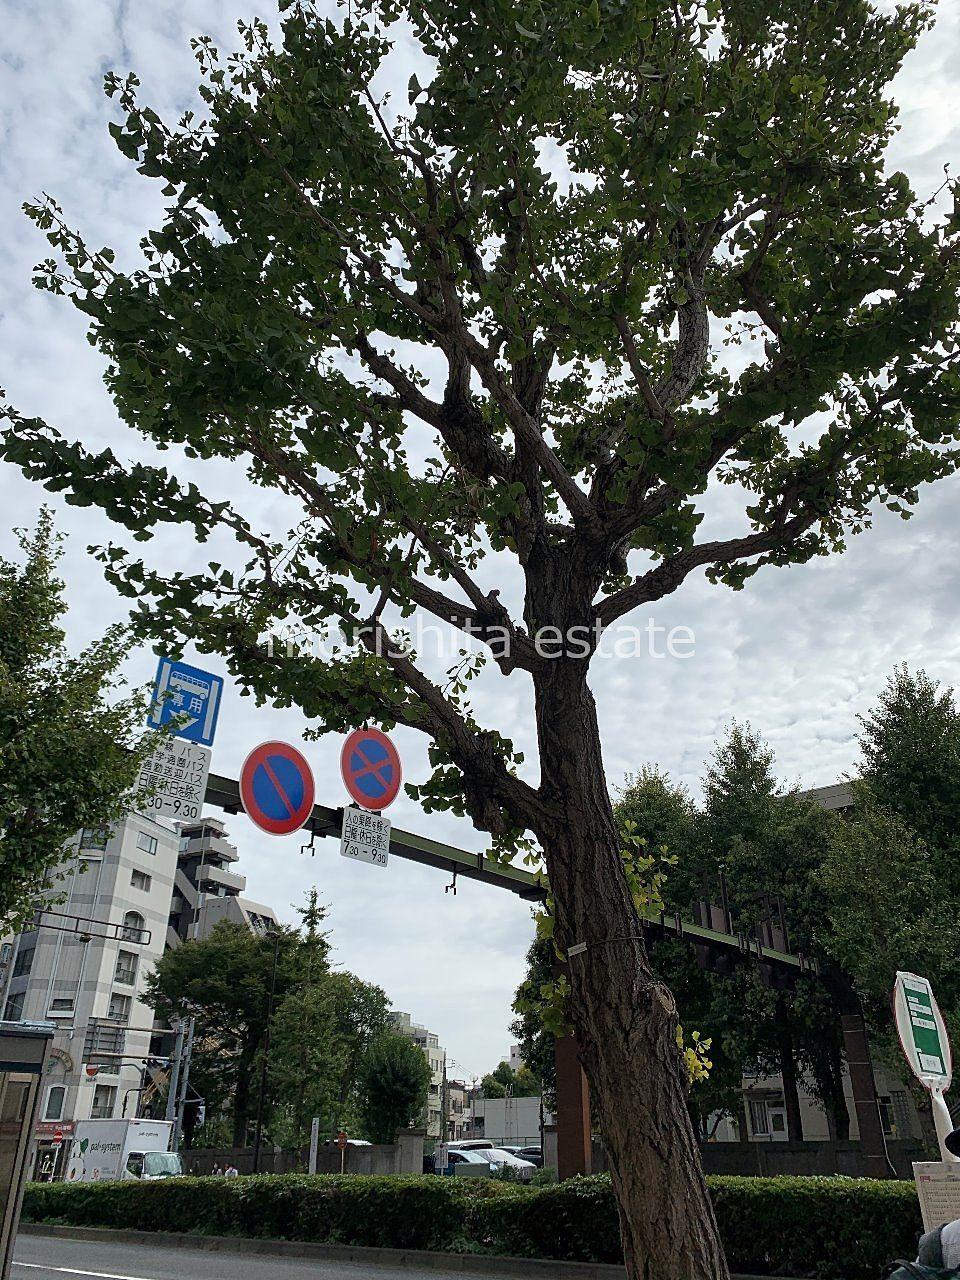 越中島 門前仲町 歩道整備 バス停改修 樹木撤去 写真